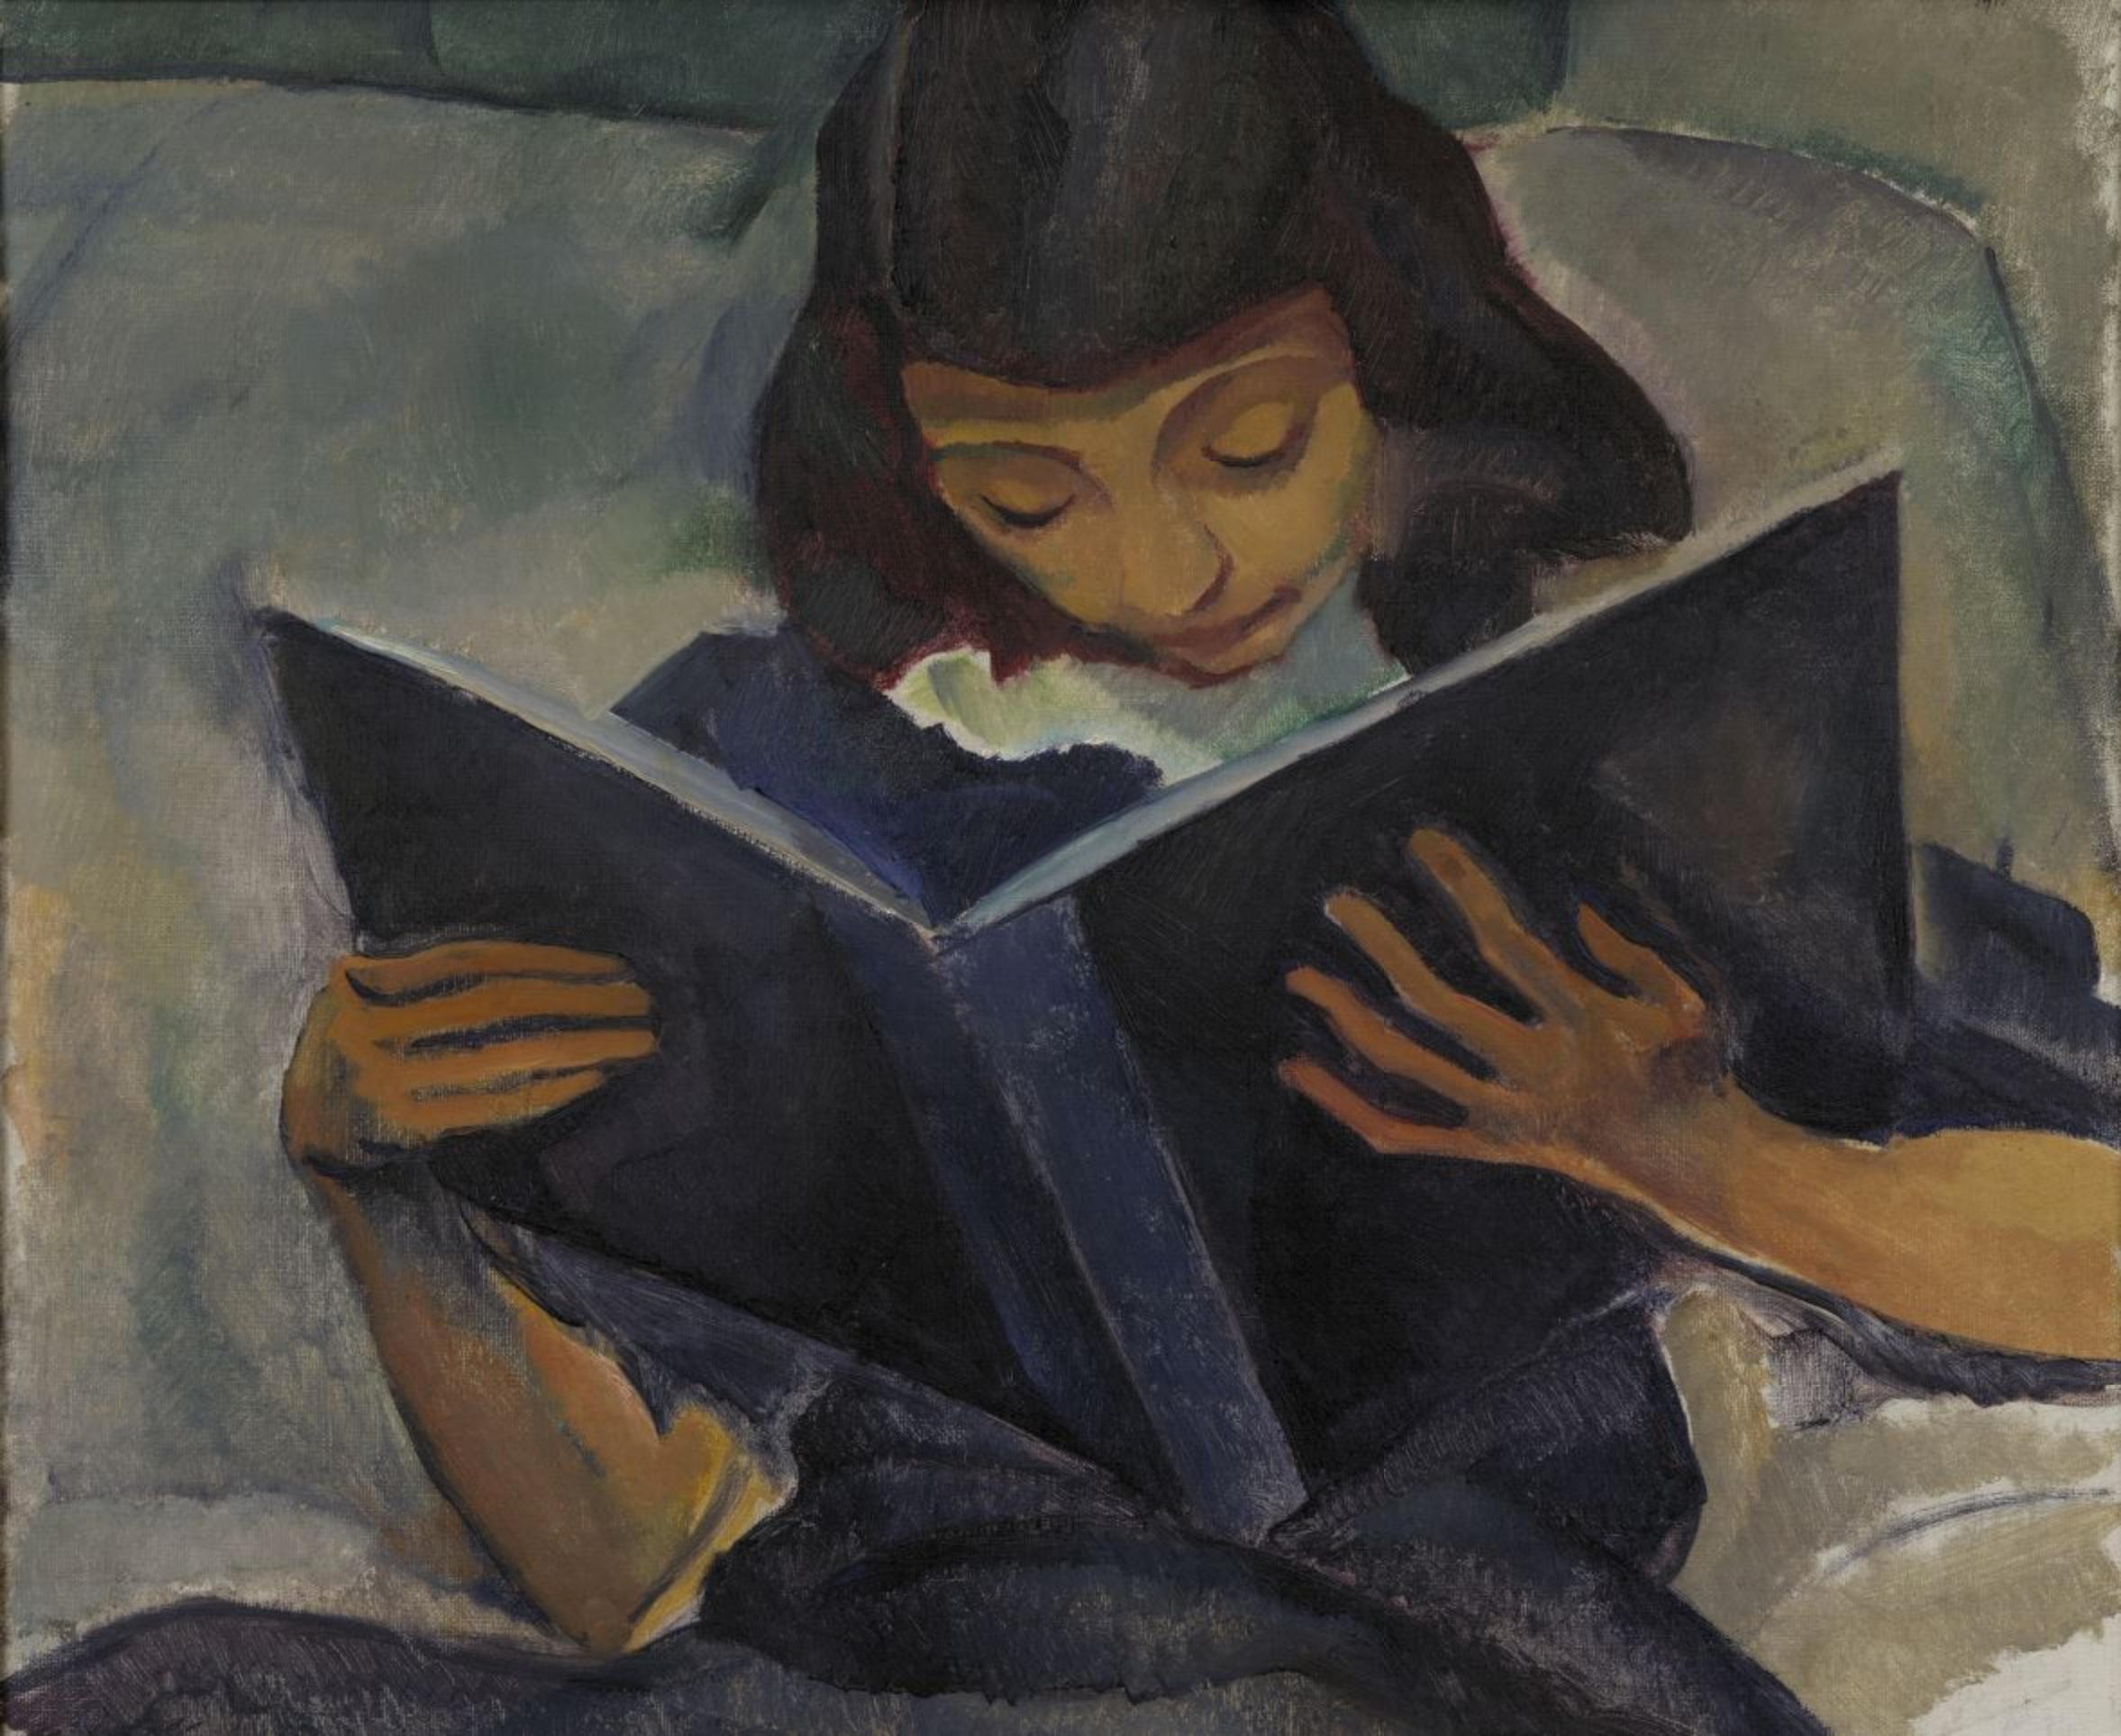 Litt�rature, histoire et psychologie : un chantier de reconstruction ?